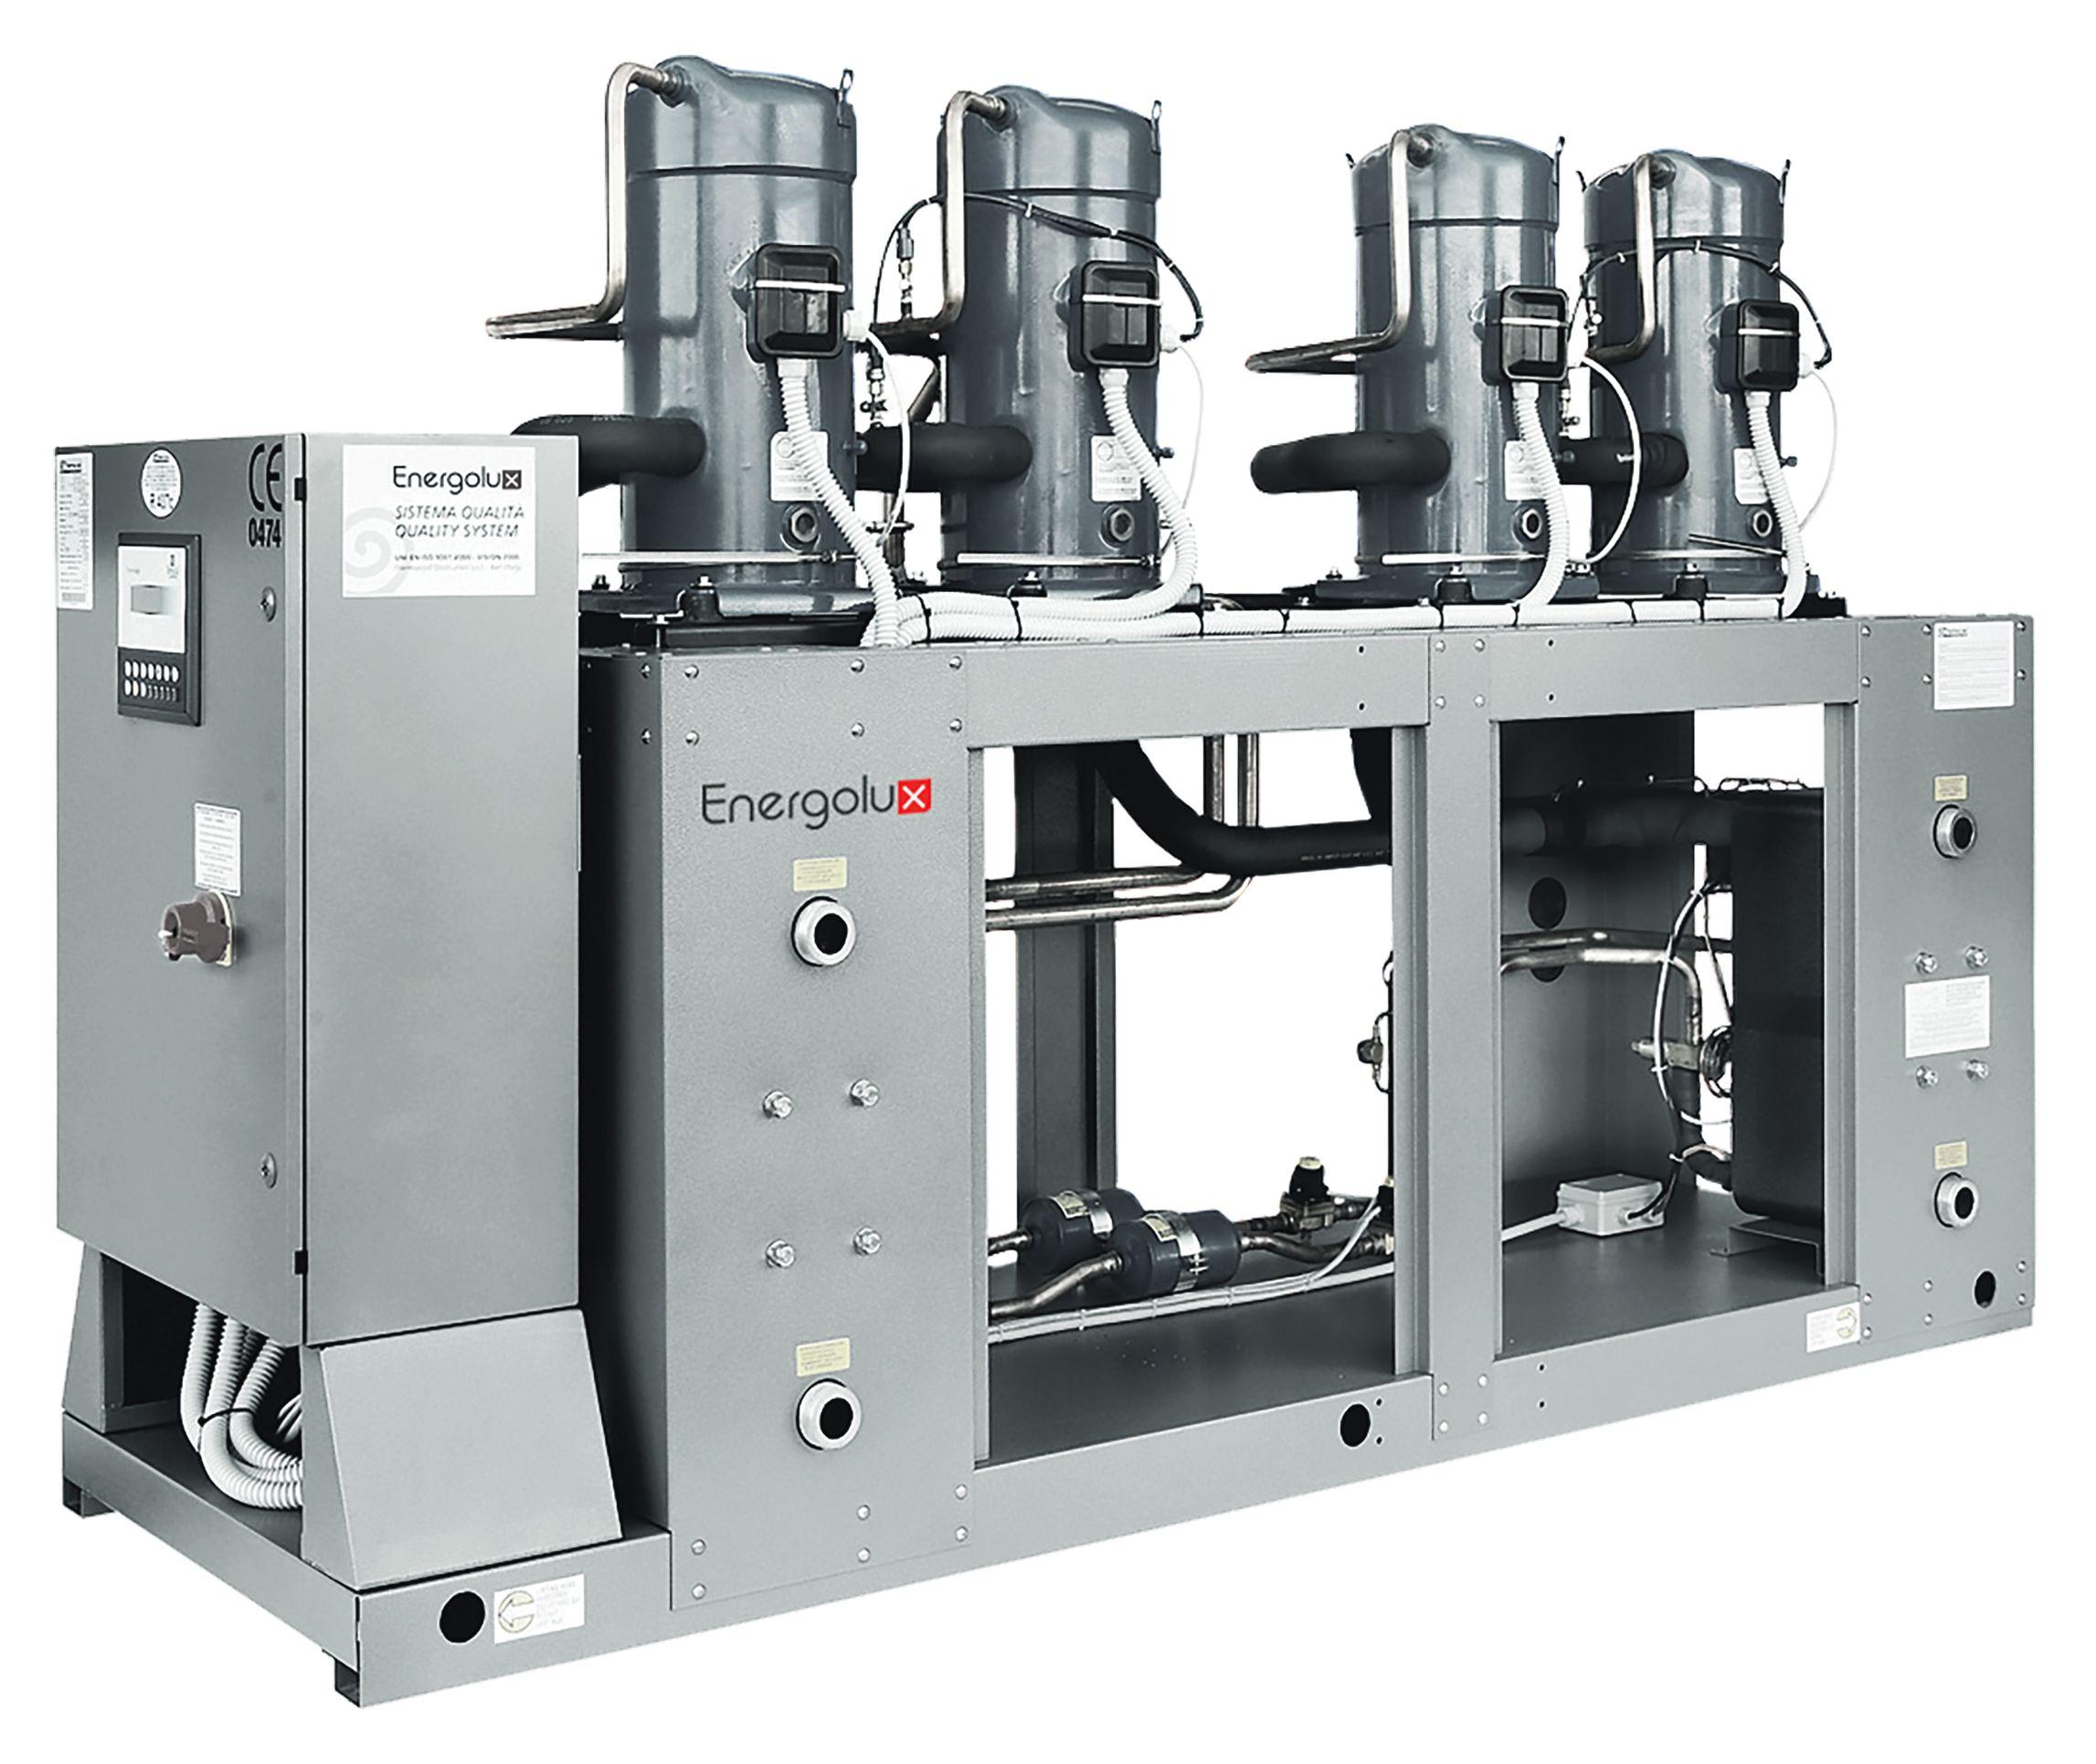 Energolux SCLW-T 1120 Z